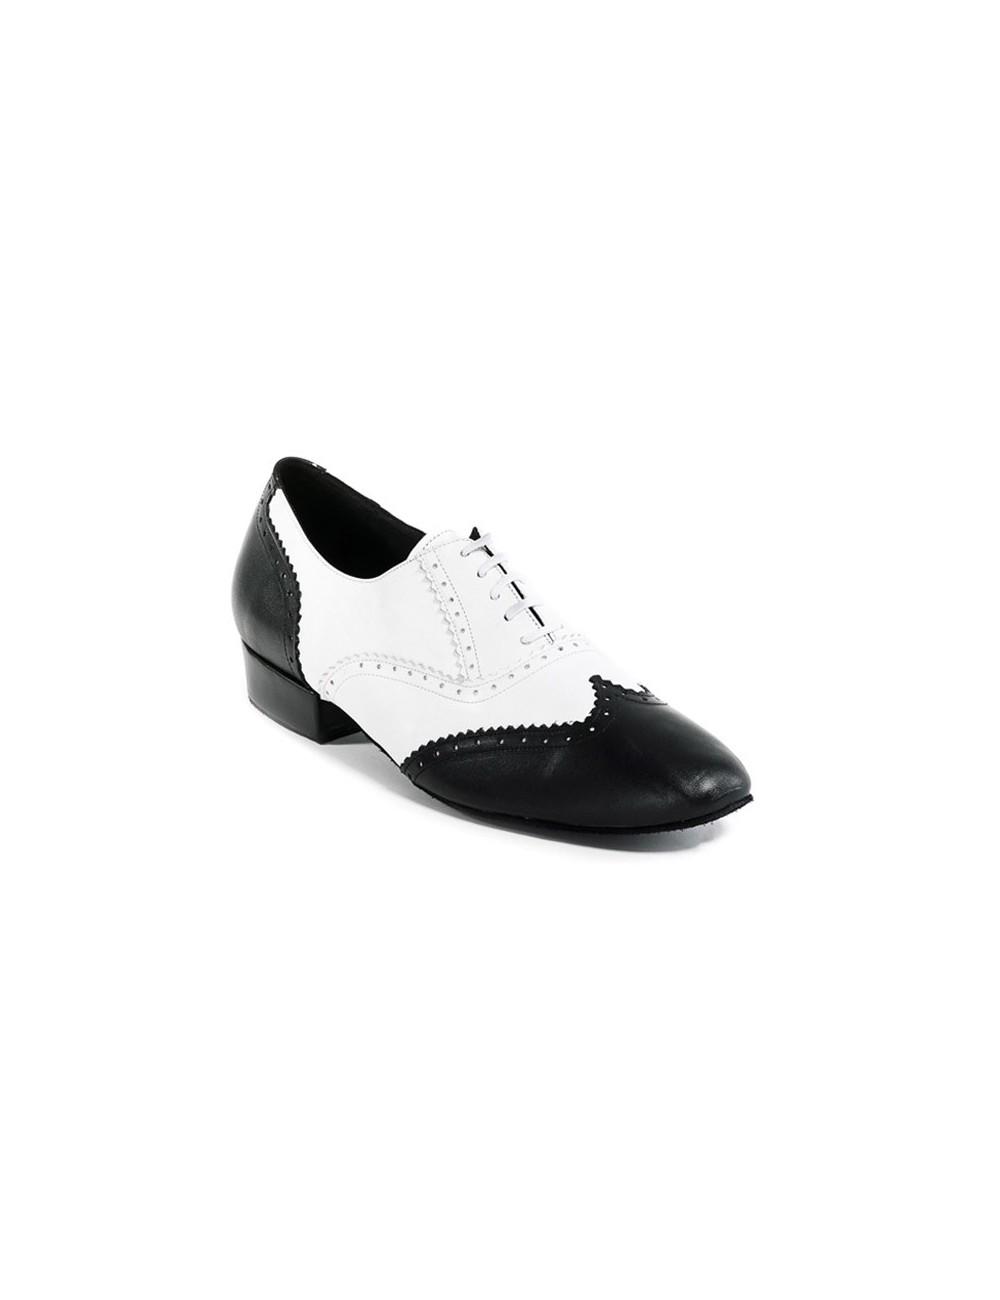 4ea3cf3d Zapatos de baile hombre blanco y negro. Calzado elegante de hombre para  bailar Tango y bailes de salon con tacón de fabricación artesanal en piel.